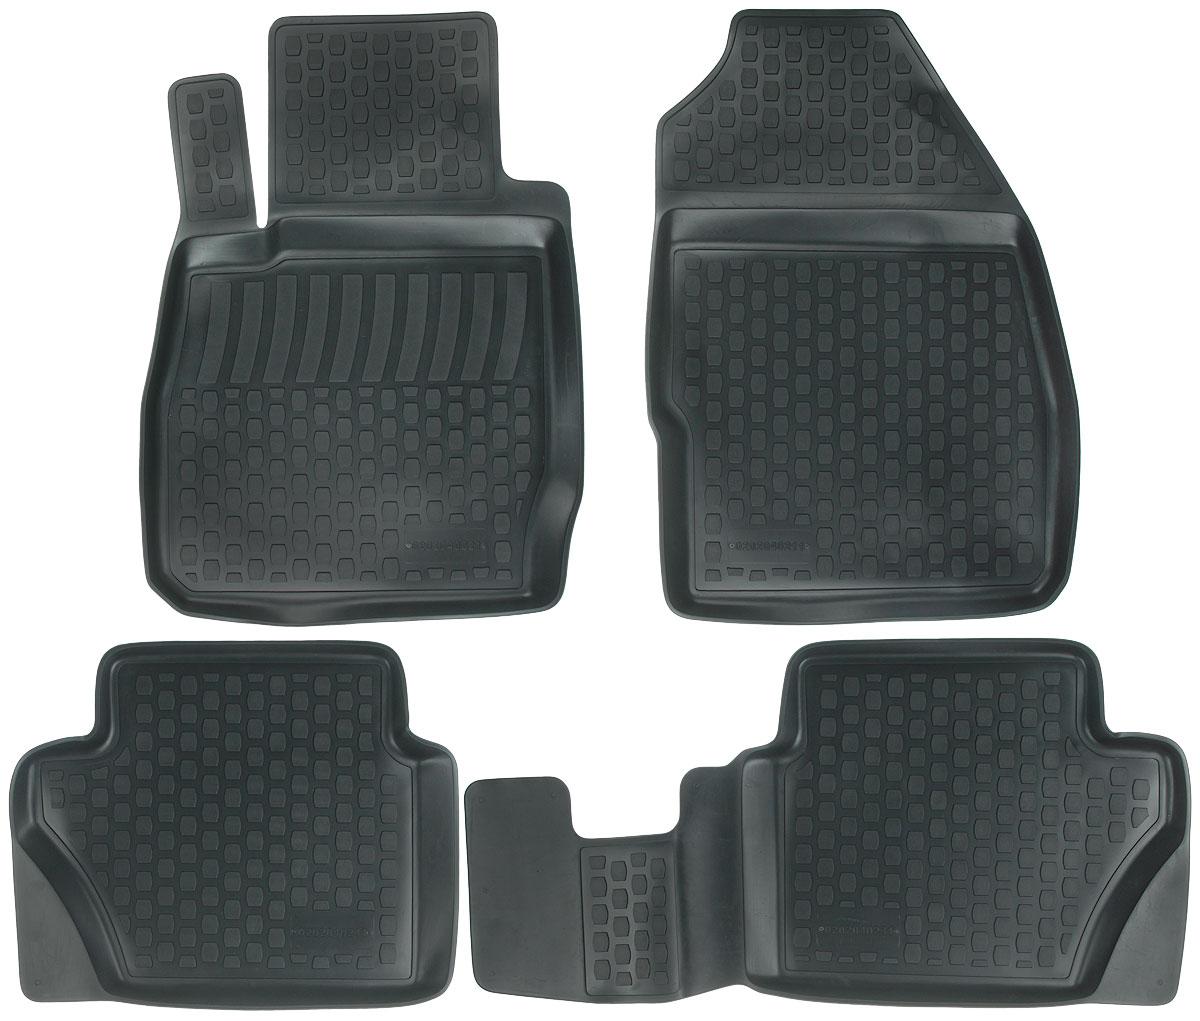 Набор автомобильных ковриков L.Locker Ford Fiesta 2008, в салон, 4 штFS-80264Набор L.Locker Ford Fiesta 2008, изготовленный из полиуретана,состоит из 4 ковриков, которые производятся индивидуально для каждой моделиавтомобиля. Изделие точно повторяет геометрию пола автомобиля, имеет высокийборт, обладает повышенной износоустойчивостью, лишено резкого запаха и сохраняет своипотребительские свойства в широком диапазоне температур от -50°С до +50°С.Комплектация: 4 шт.Размер ковриков: 74 см х 53 см; 86 см х 45 см; 54 см х 44 см; 75 см х 52 см.